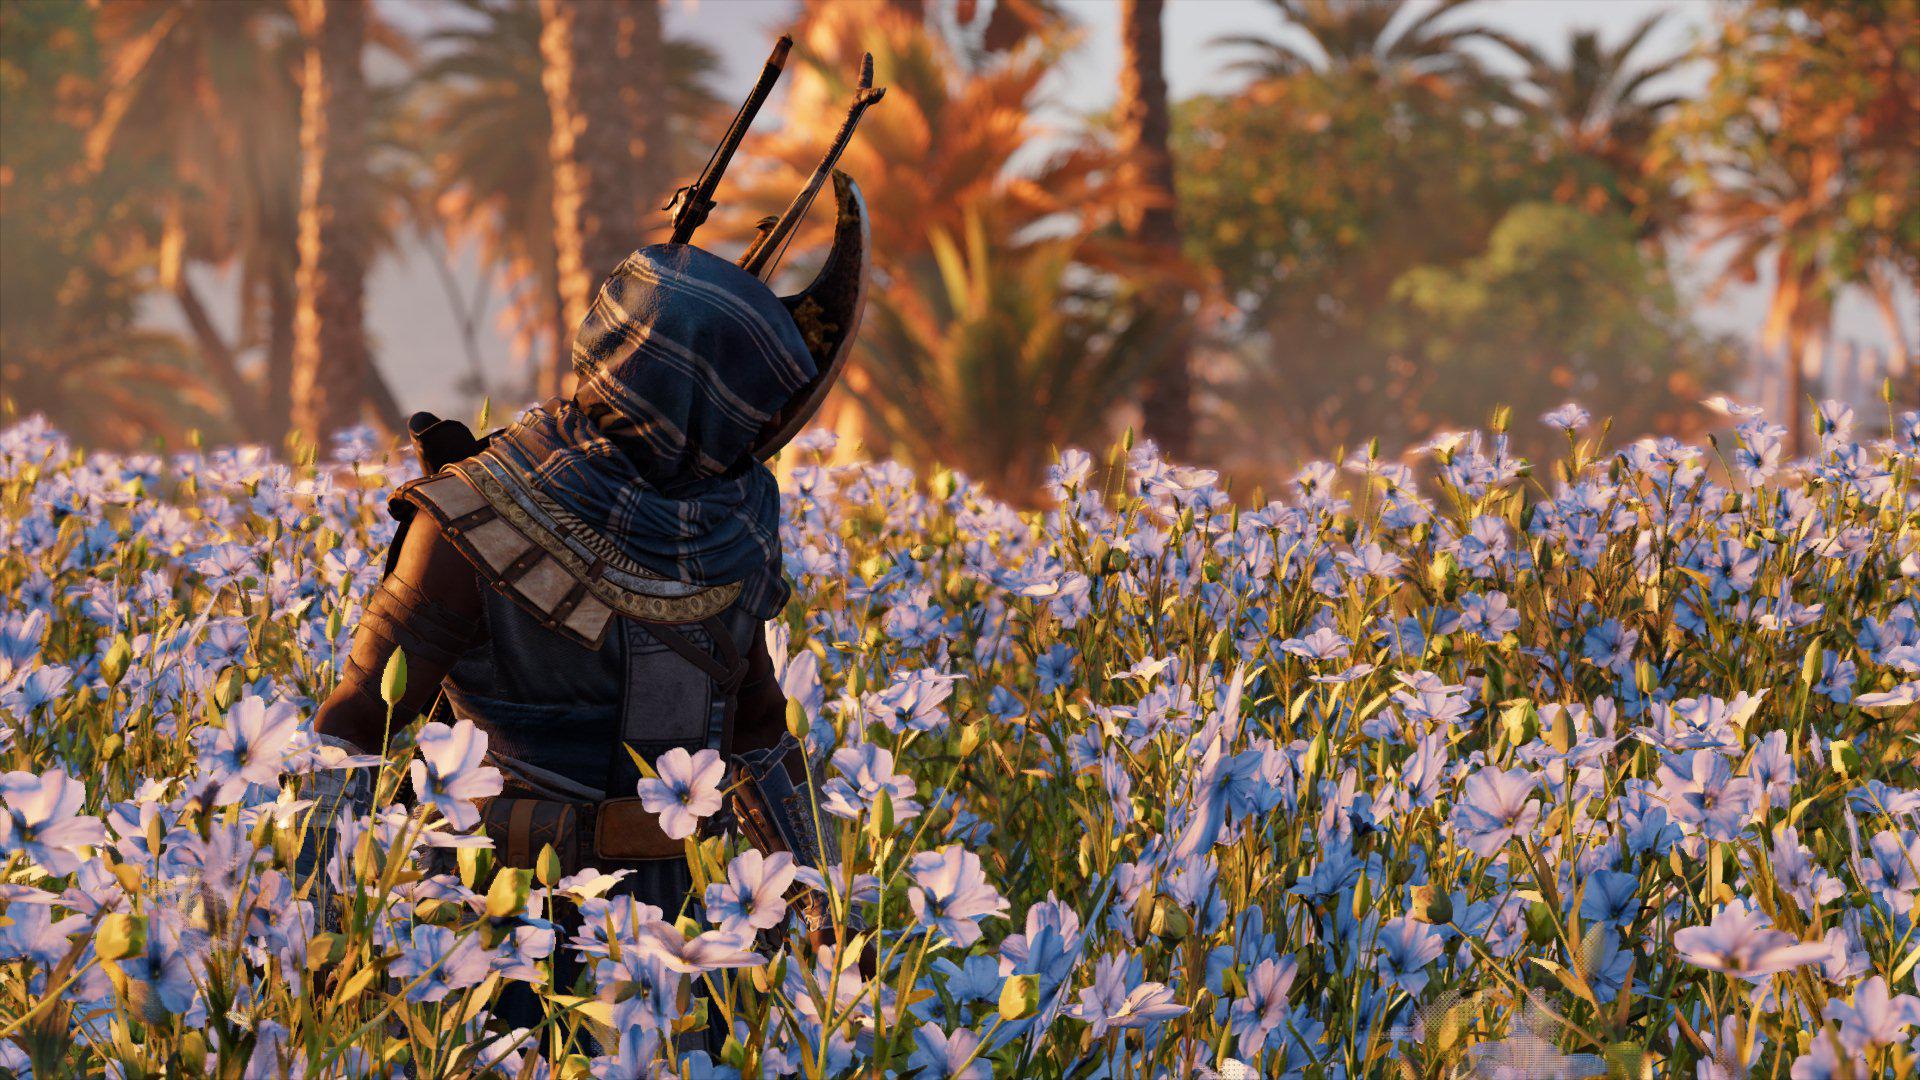 Assassin's Creed Origins_0038_JTC.jpg